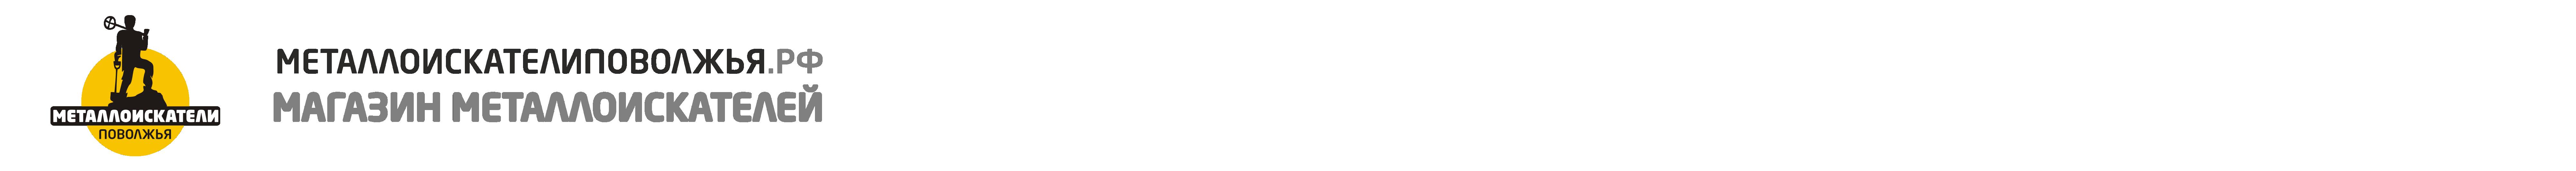 Логоnew4